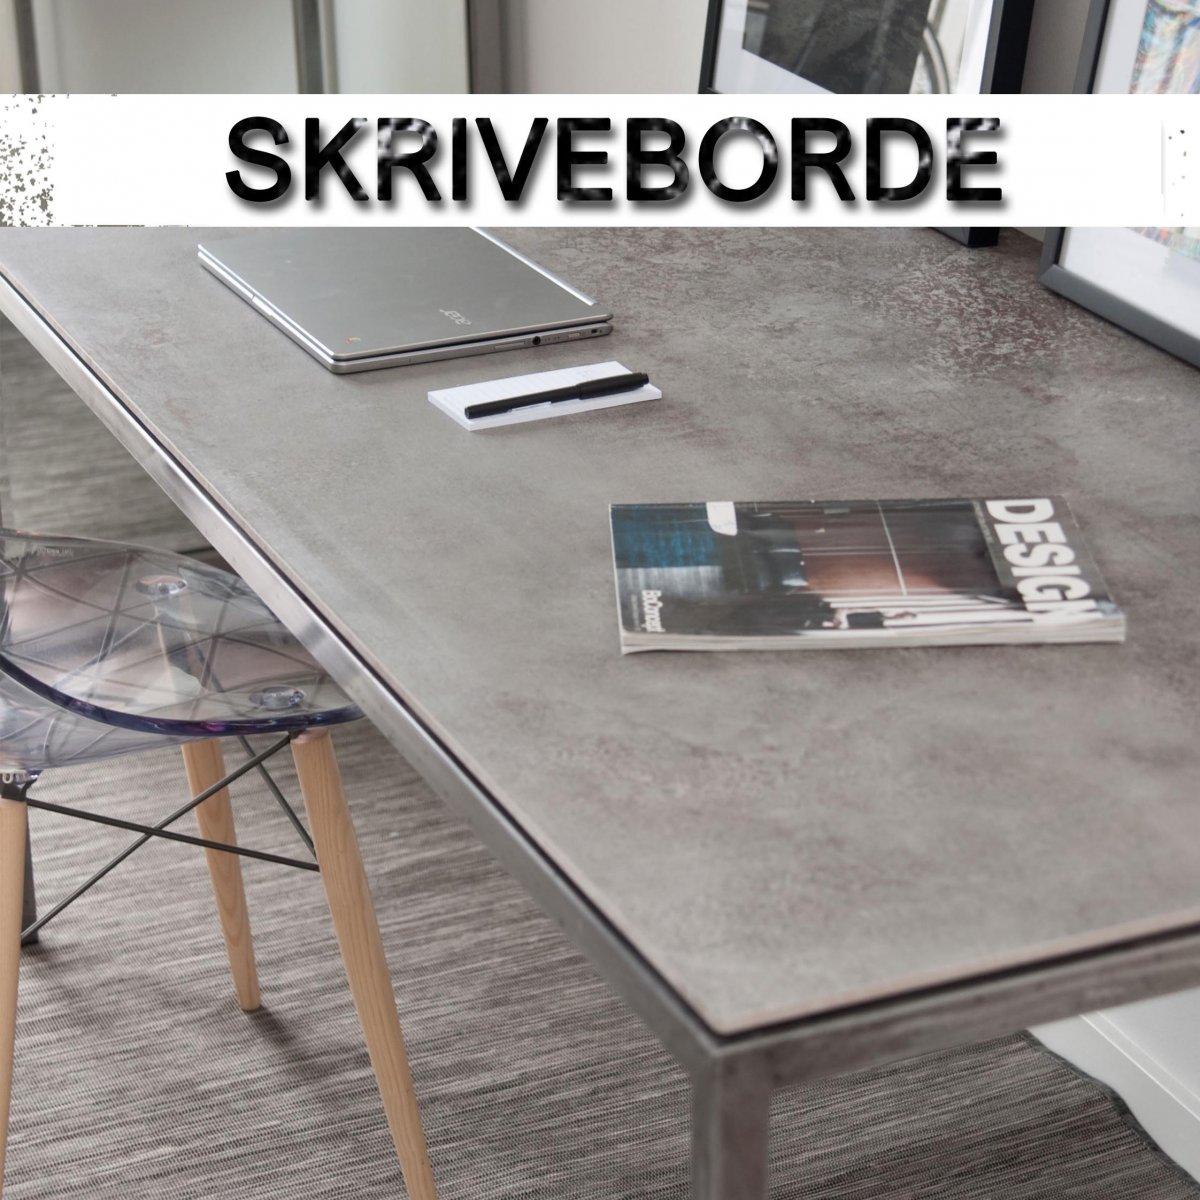 Picture of: Skriveborde Rn Design